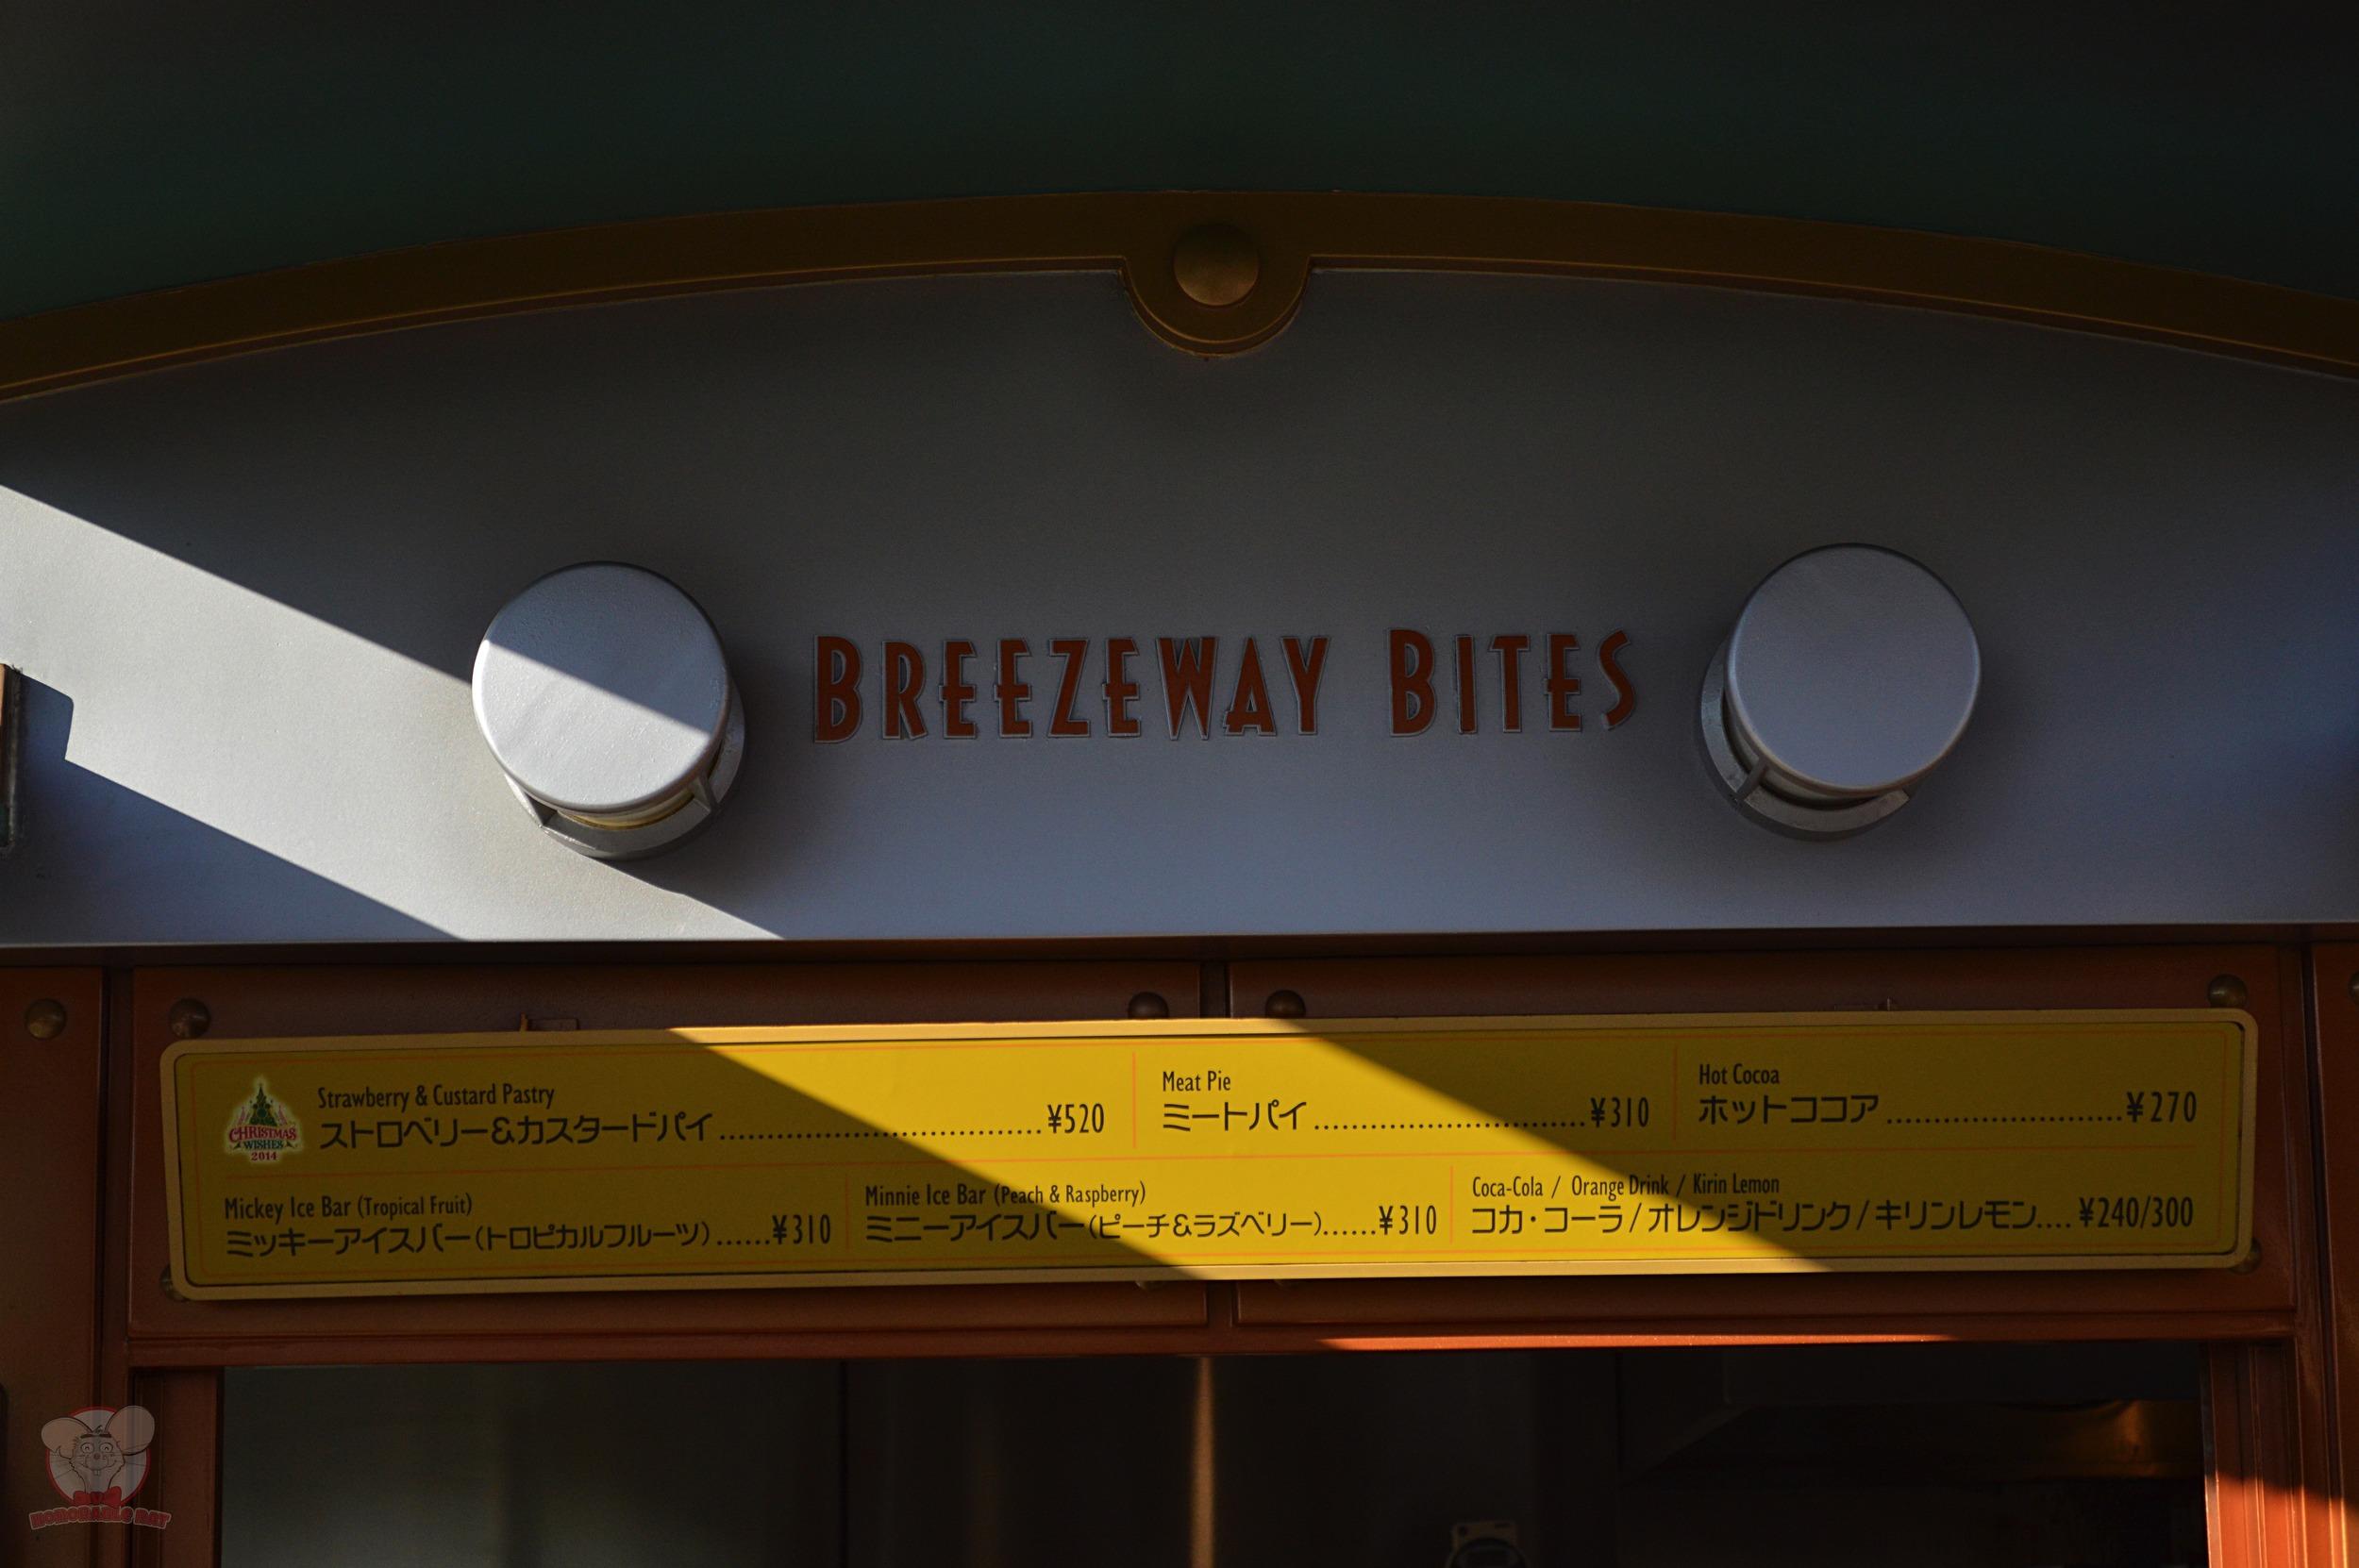 Food on offer at Breezeway Bites